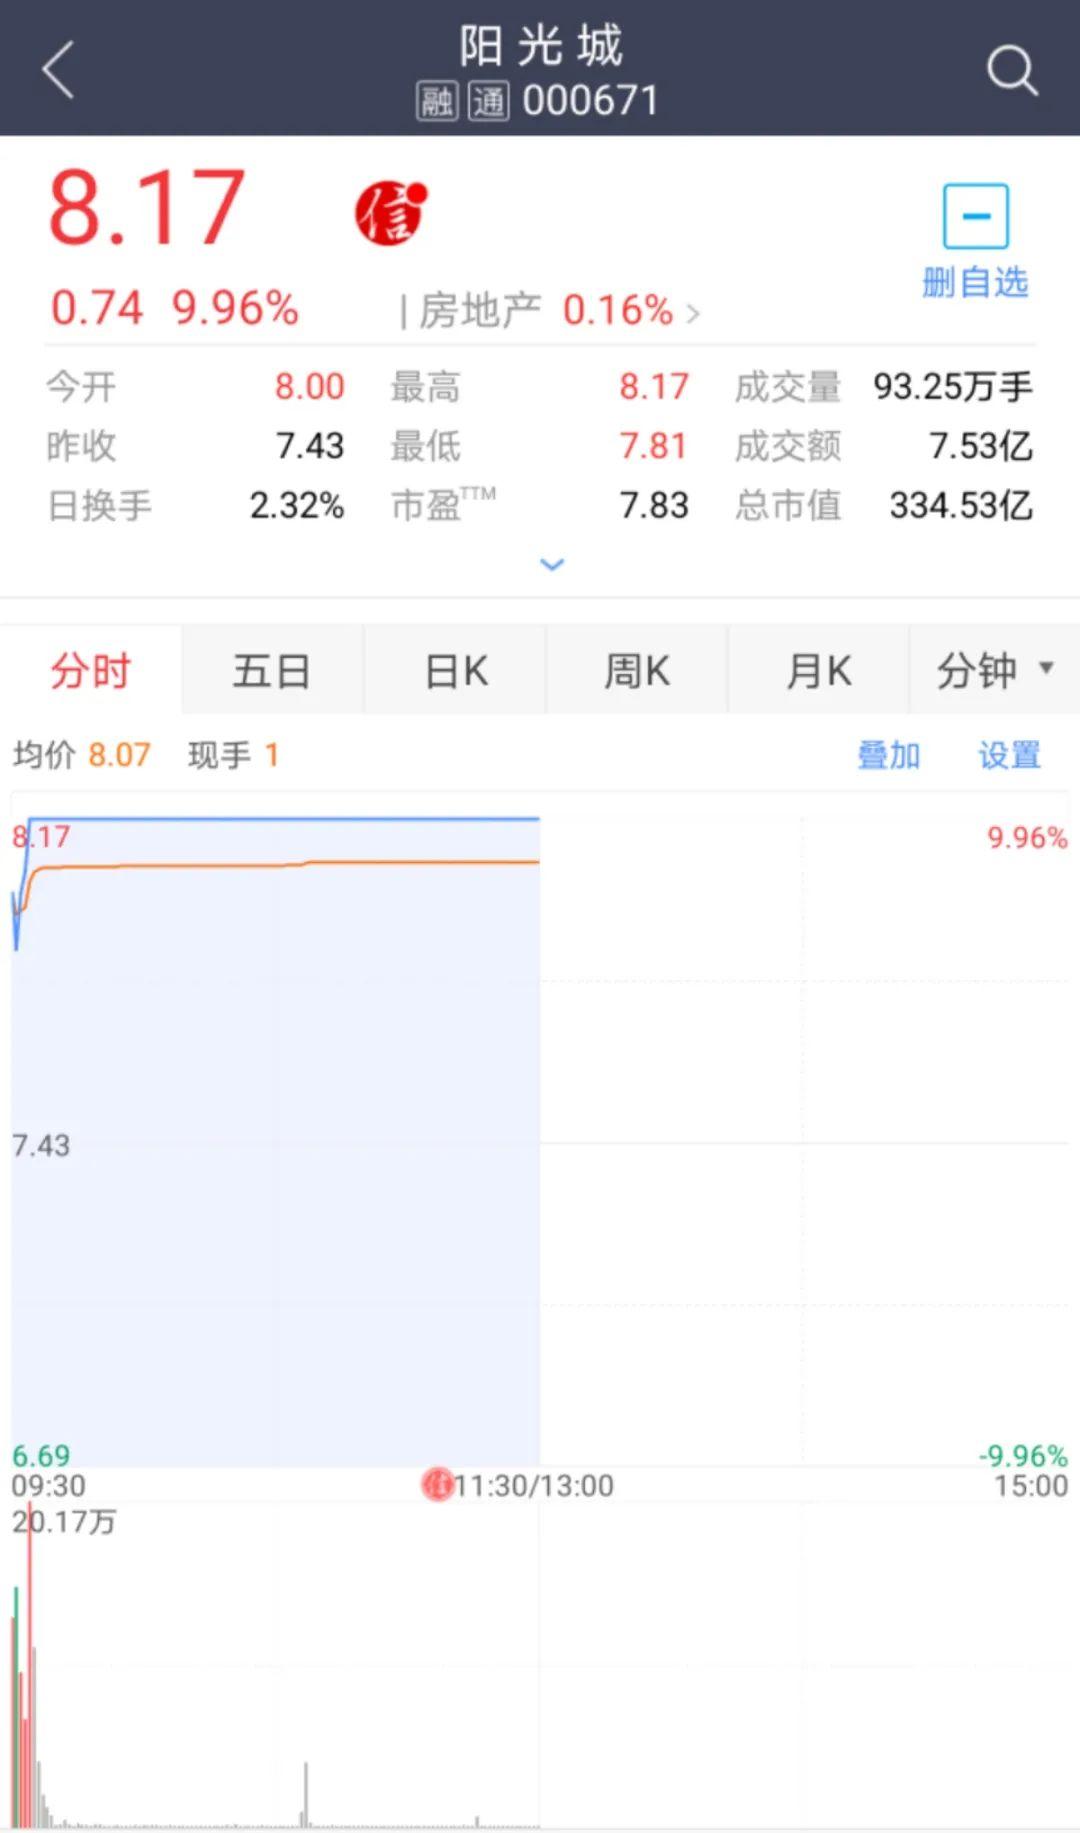 泰康保险受让阳光城13.53%股份:要求承诺10年业绩 连续两日涨停